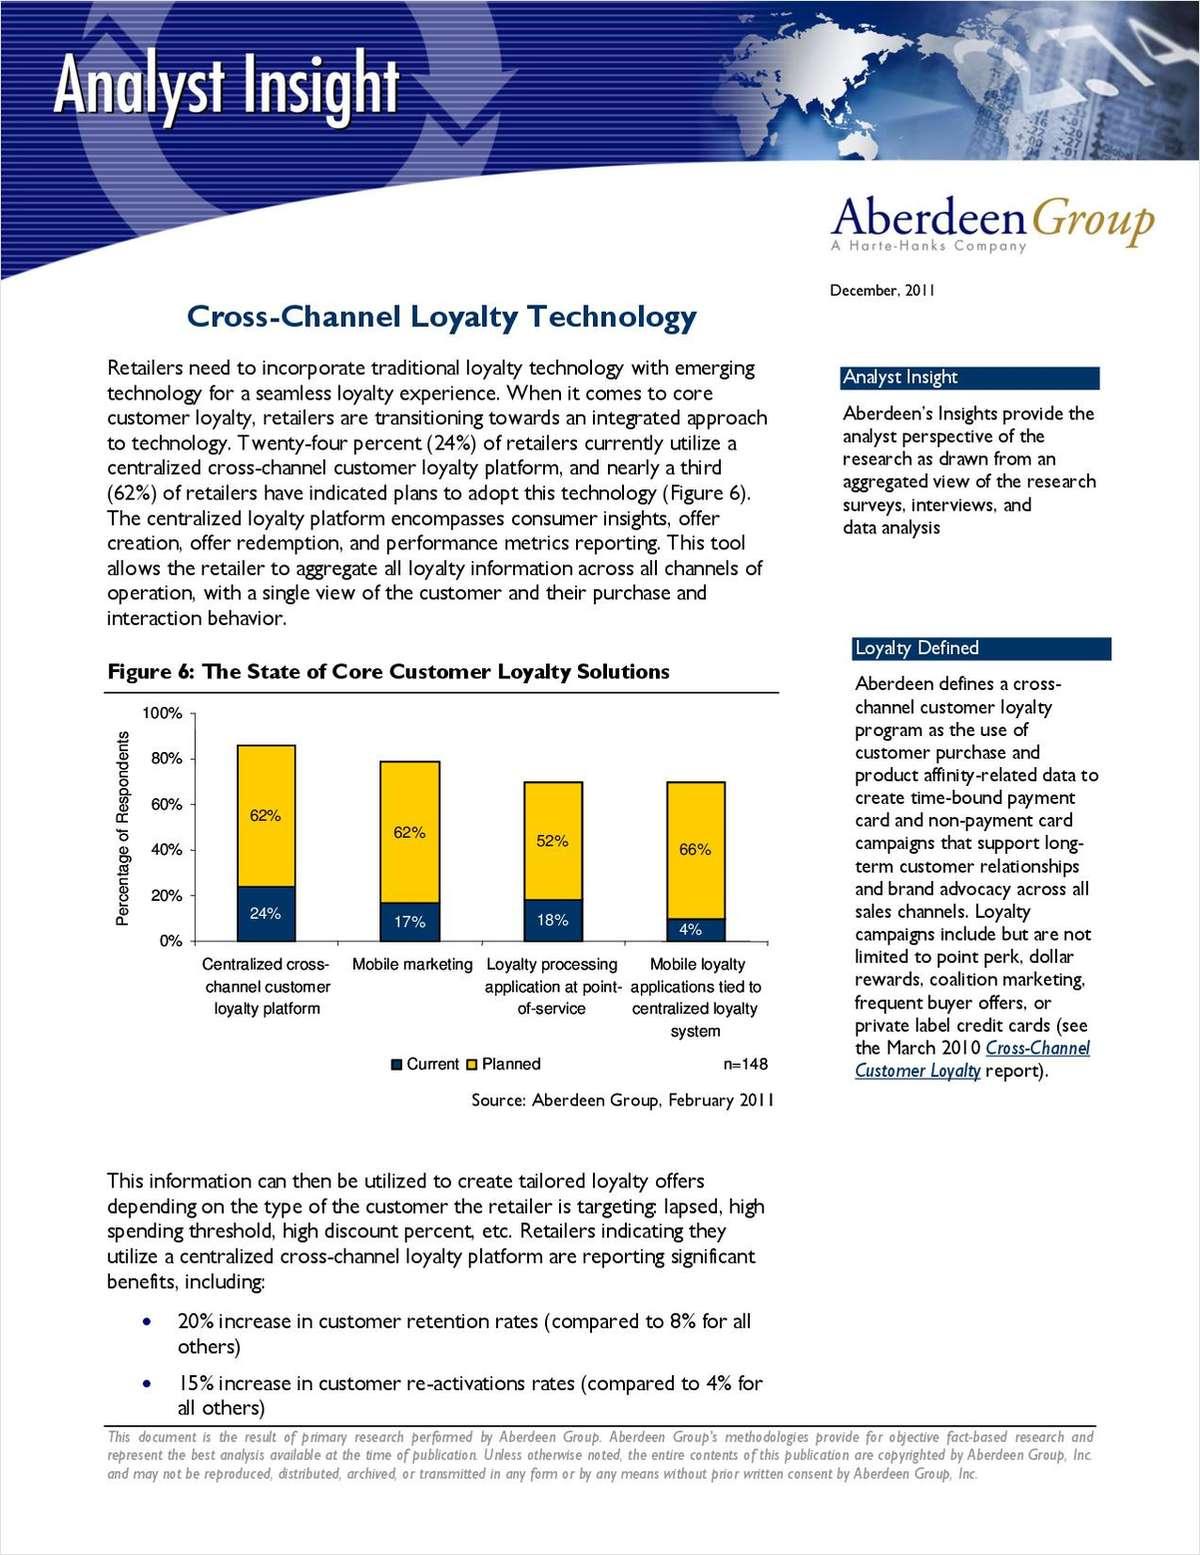 Cross-Channel Loyalty Technology